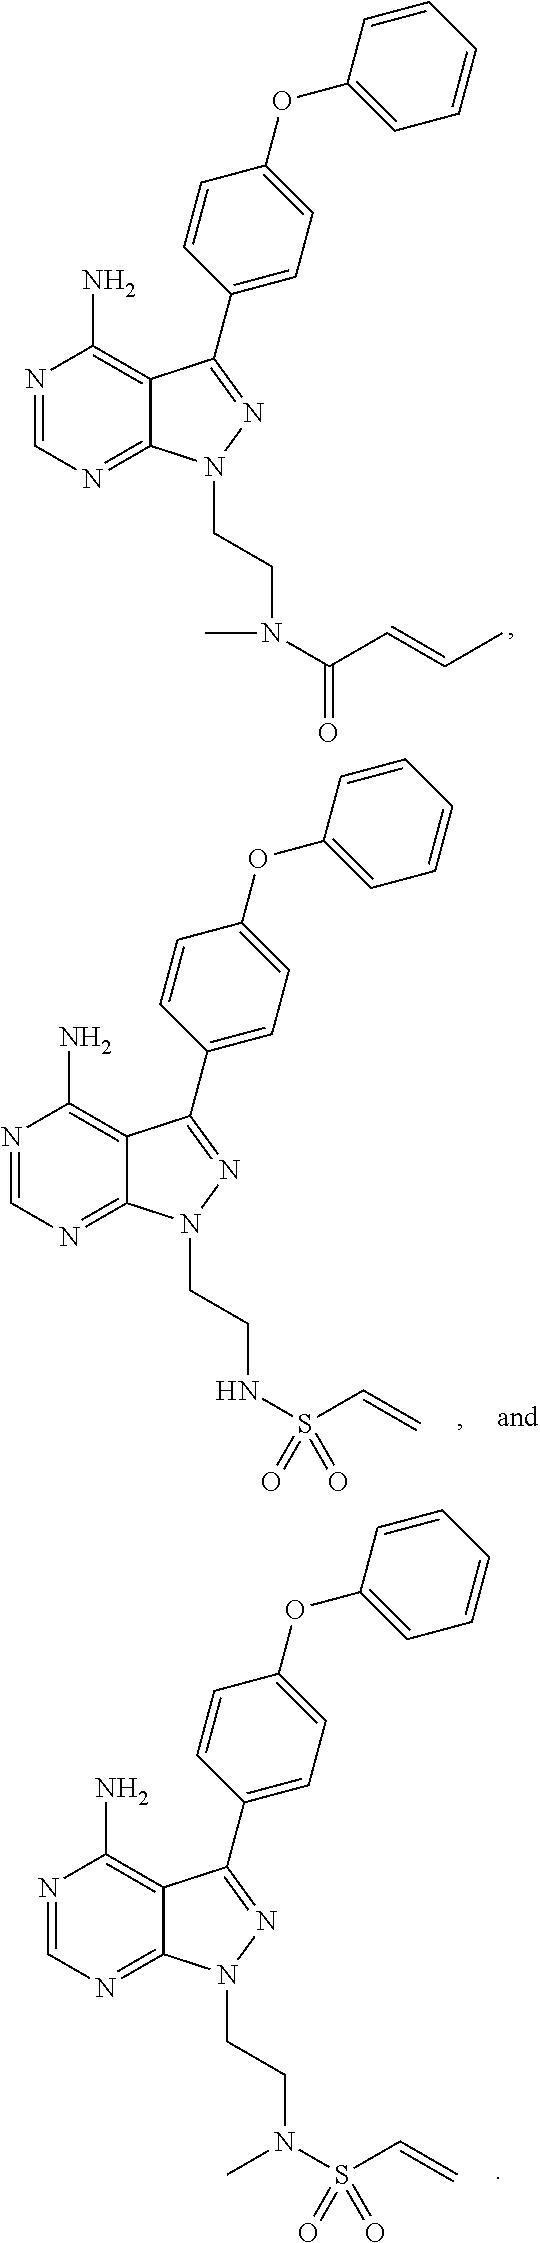 Figure US10004746-20180626-C00040